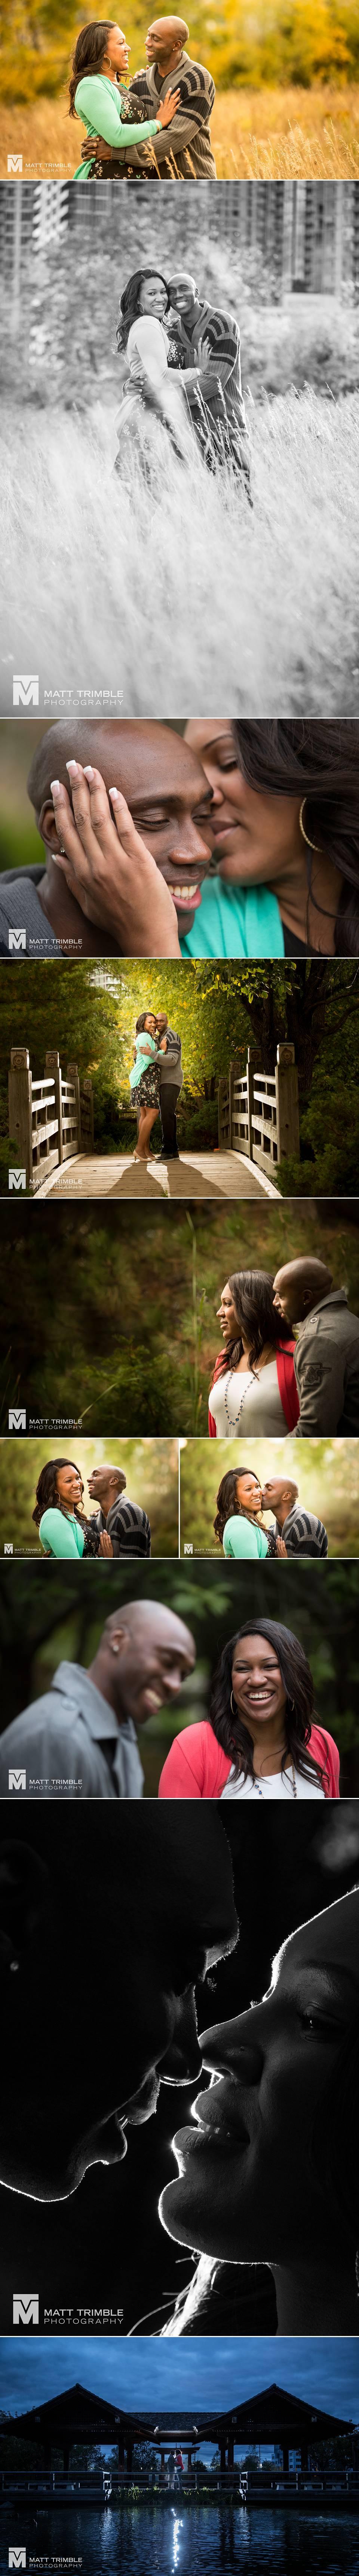 Kariya Park engagement photography